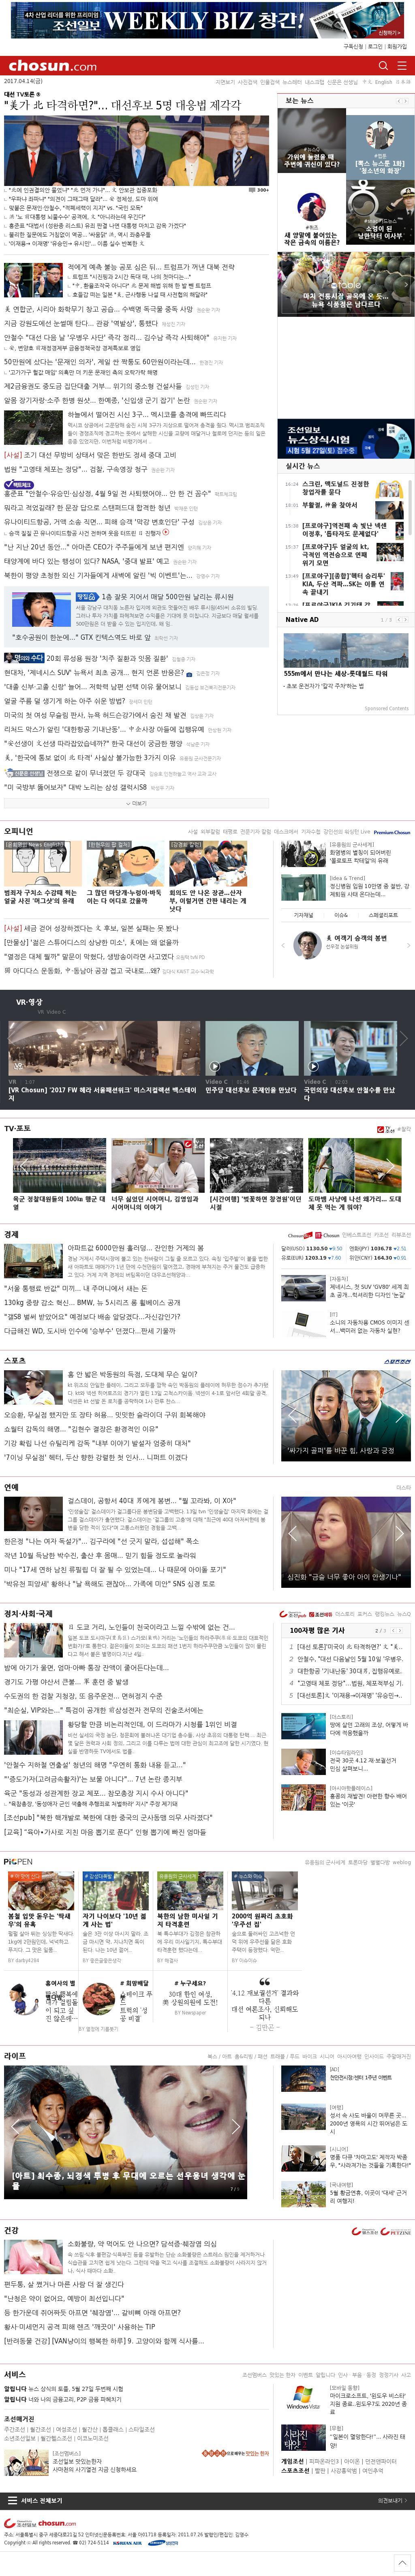 chosun.com at Thursday April 13, 2017, 6:02 p.m. UTC